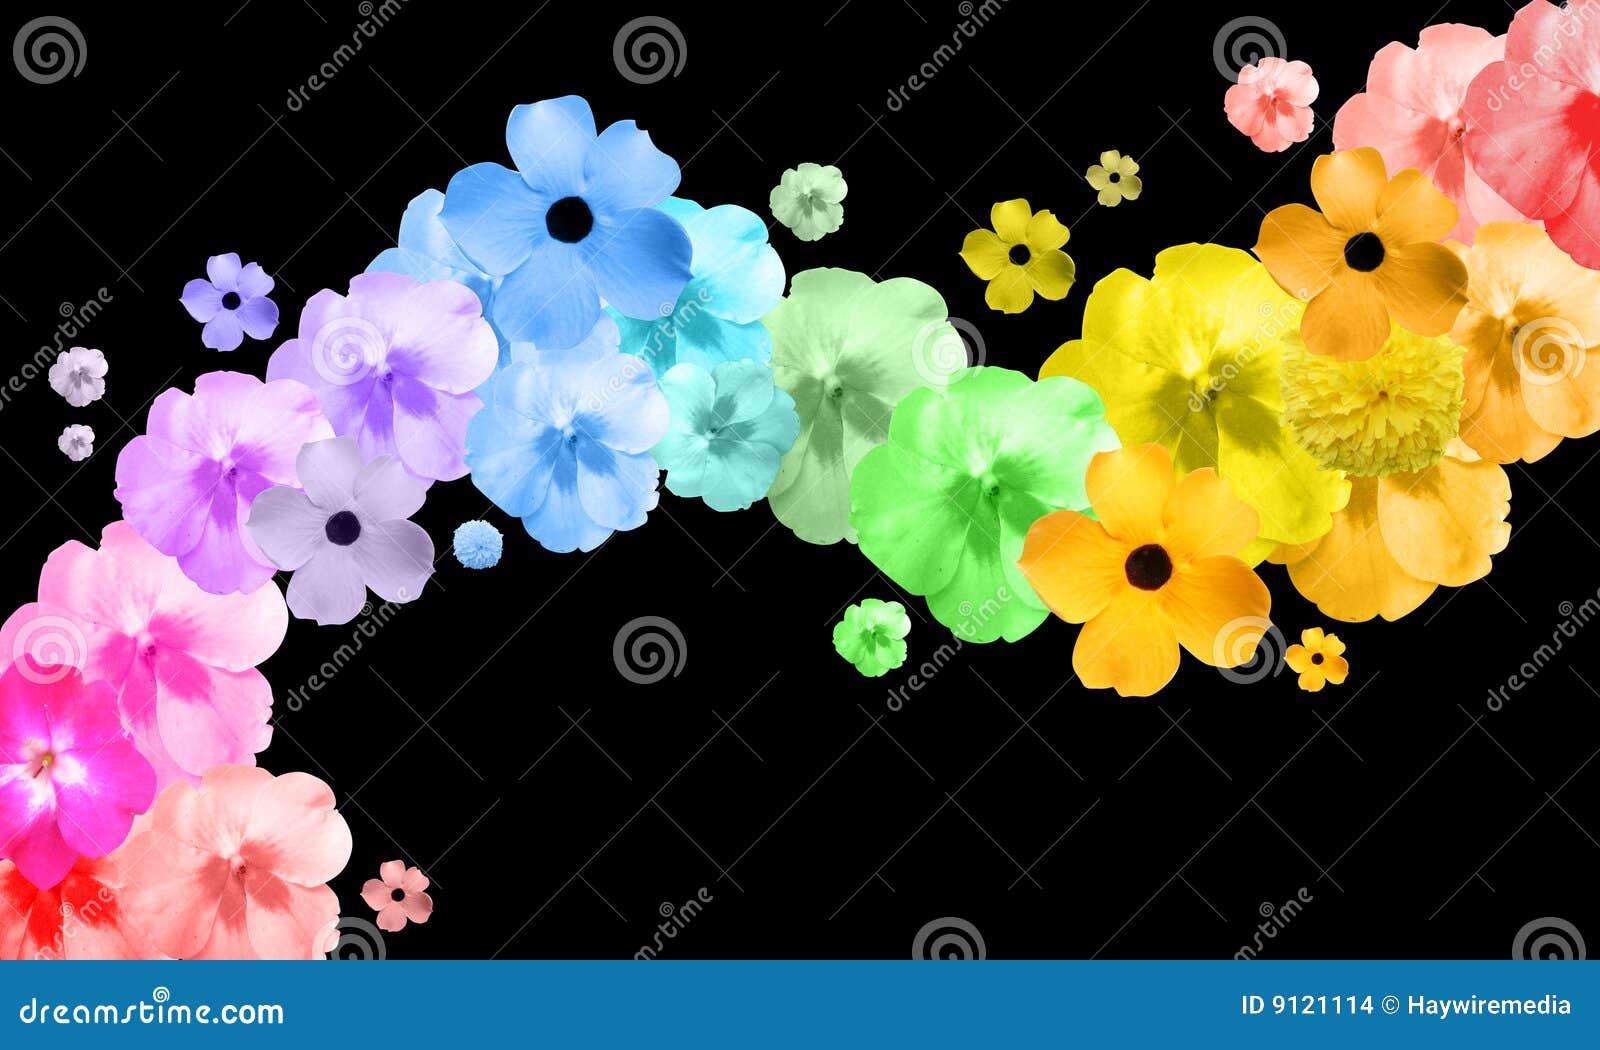 Волна из цветов